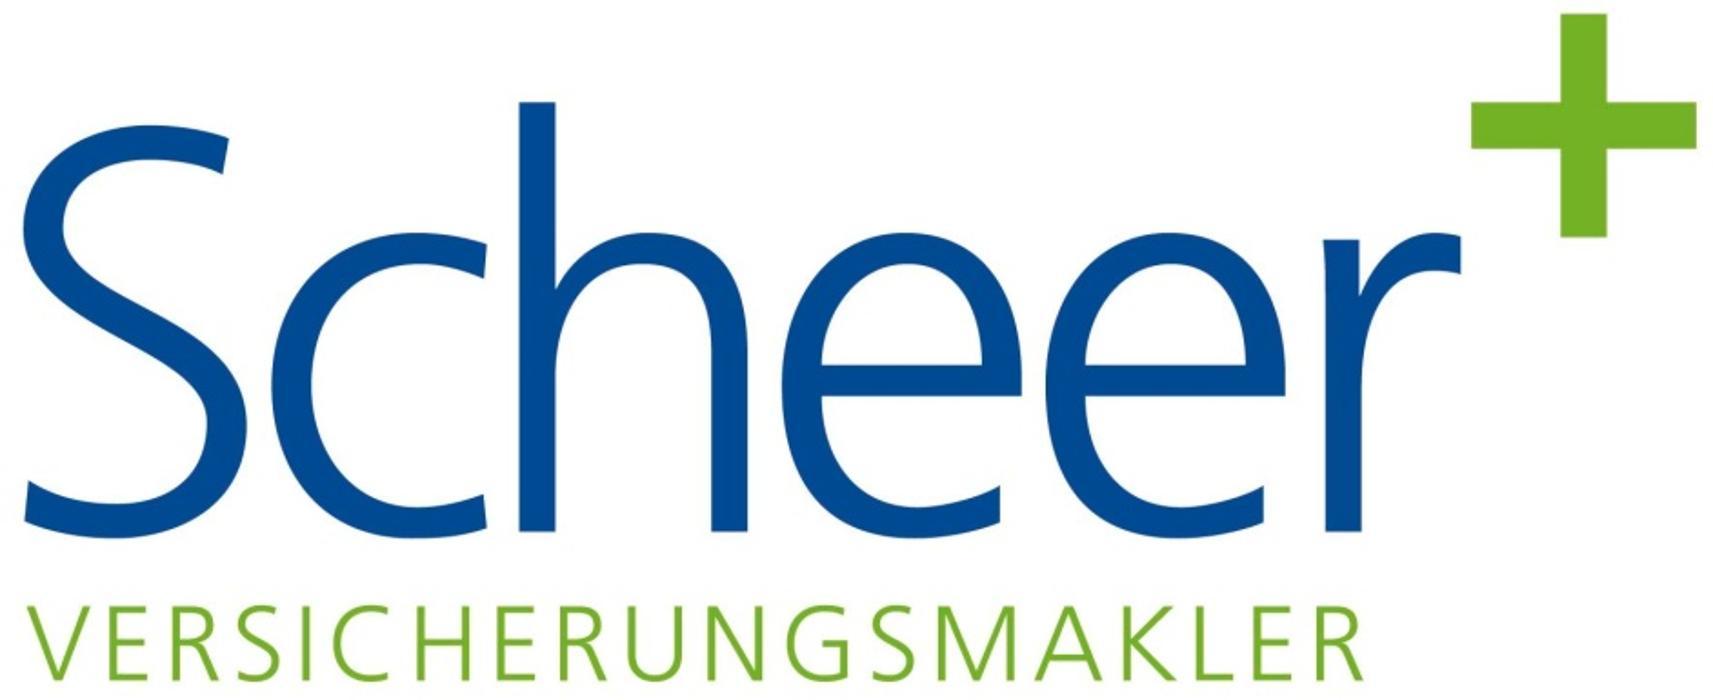 Bild zu Scheer Versicherungsmakler GmbH in Sankt Ingbert